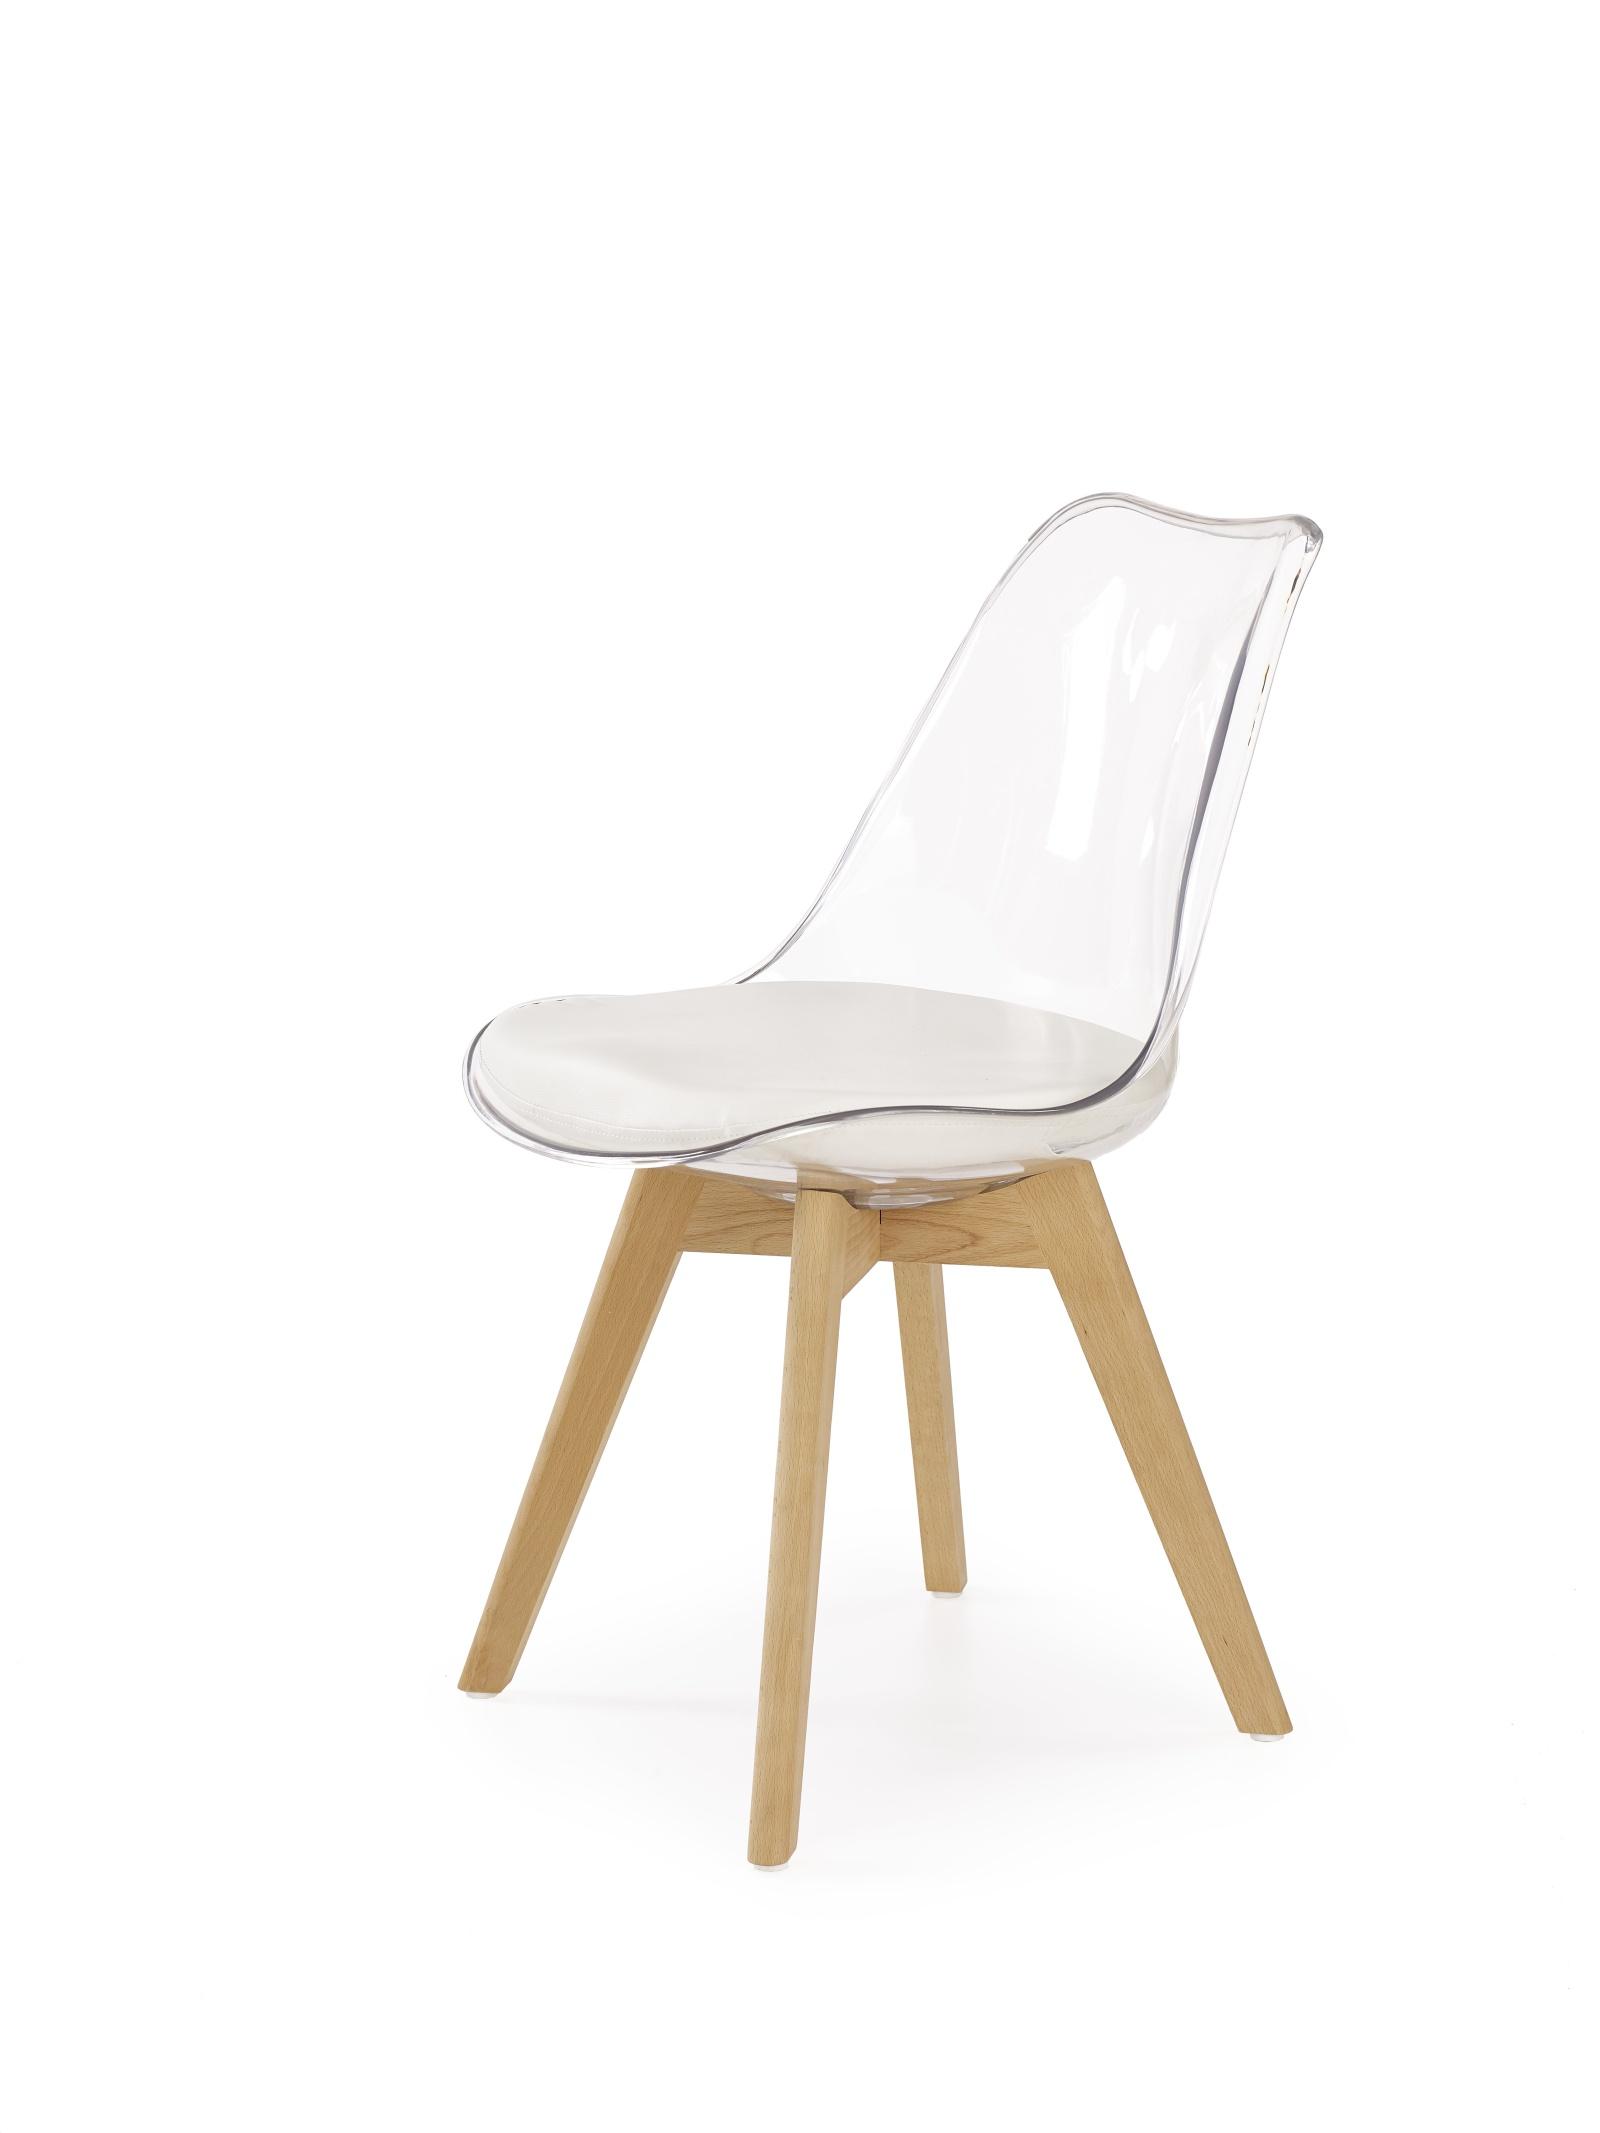 Halmar Jídelní židle K246, průhledná / buk